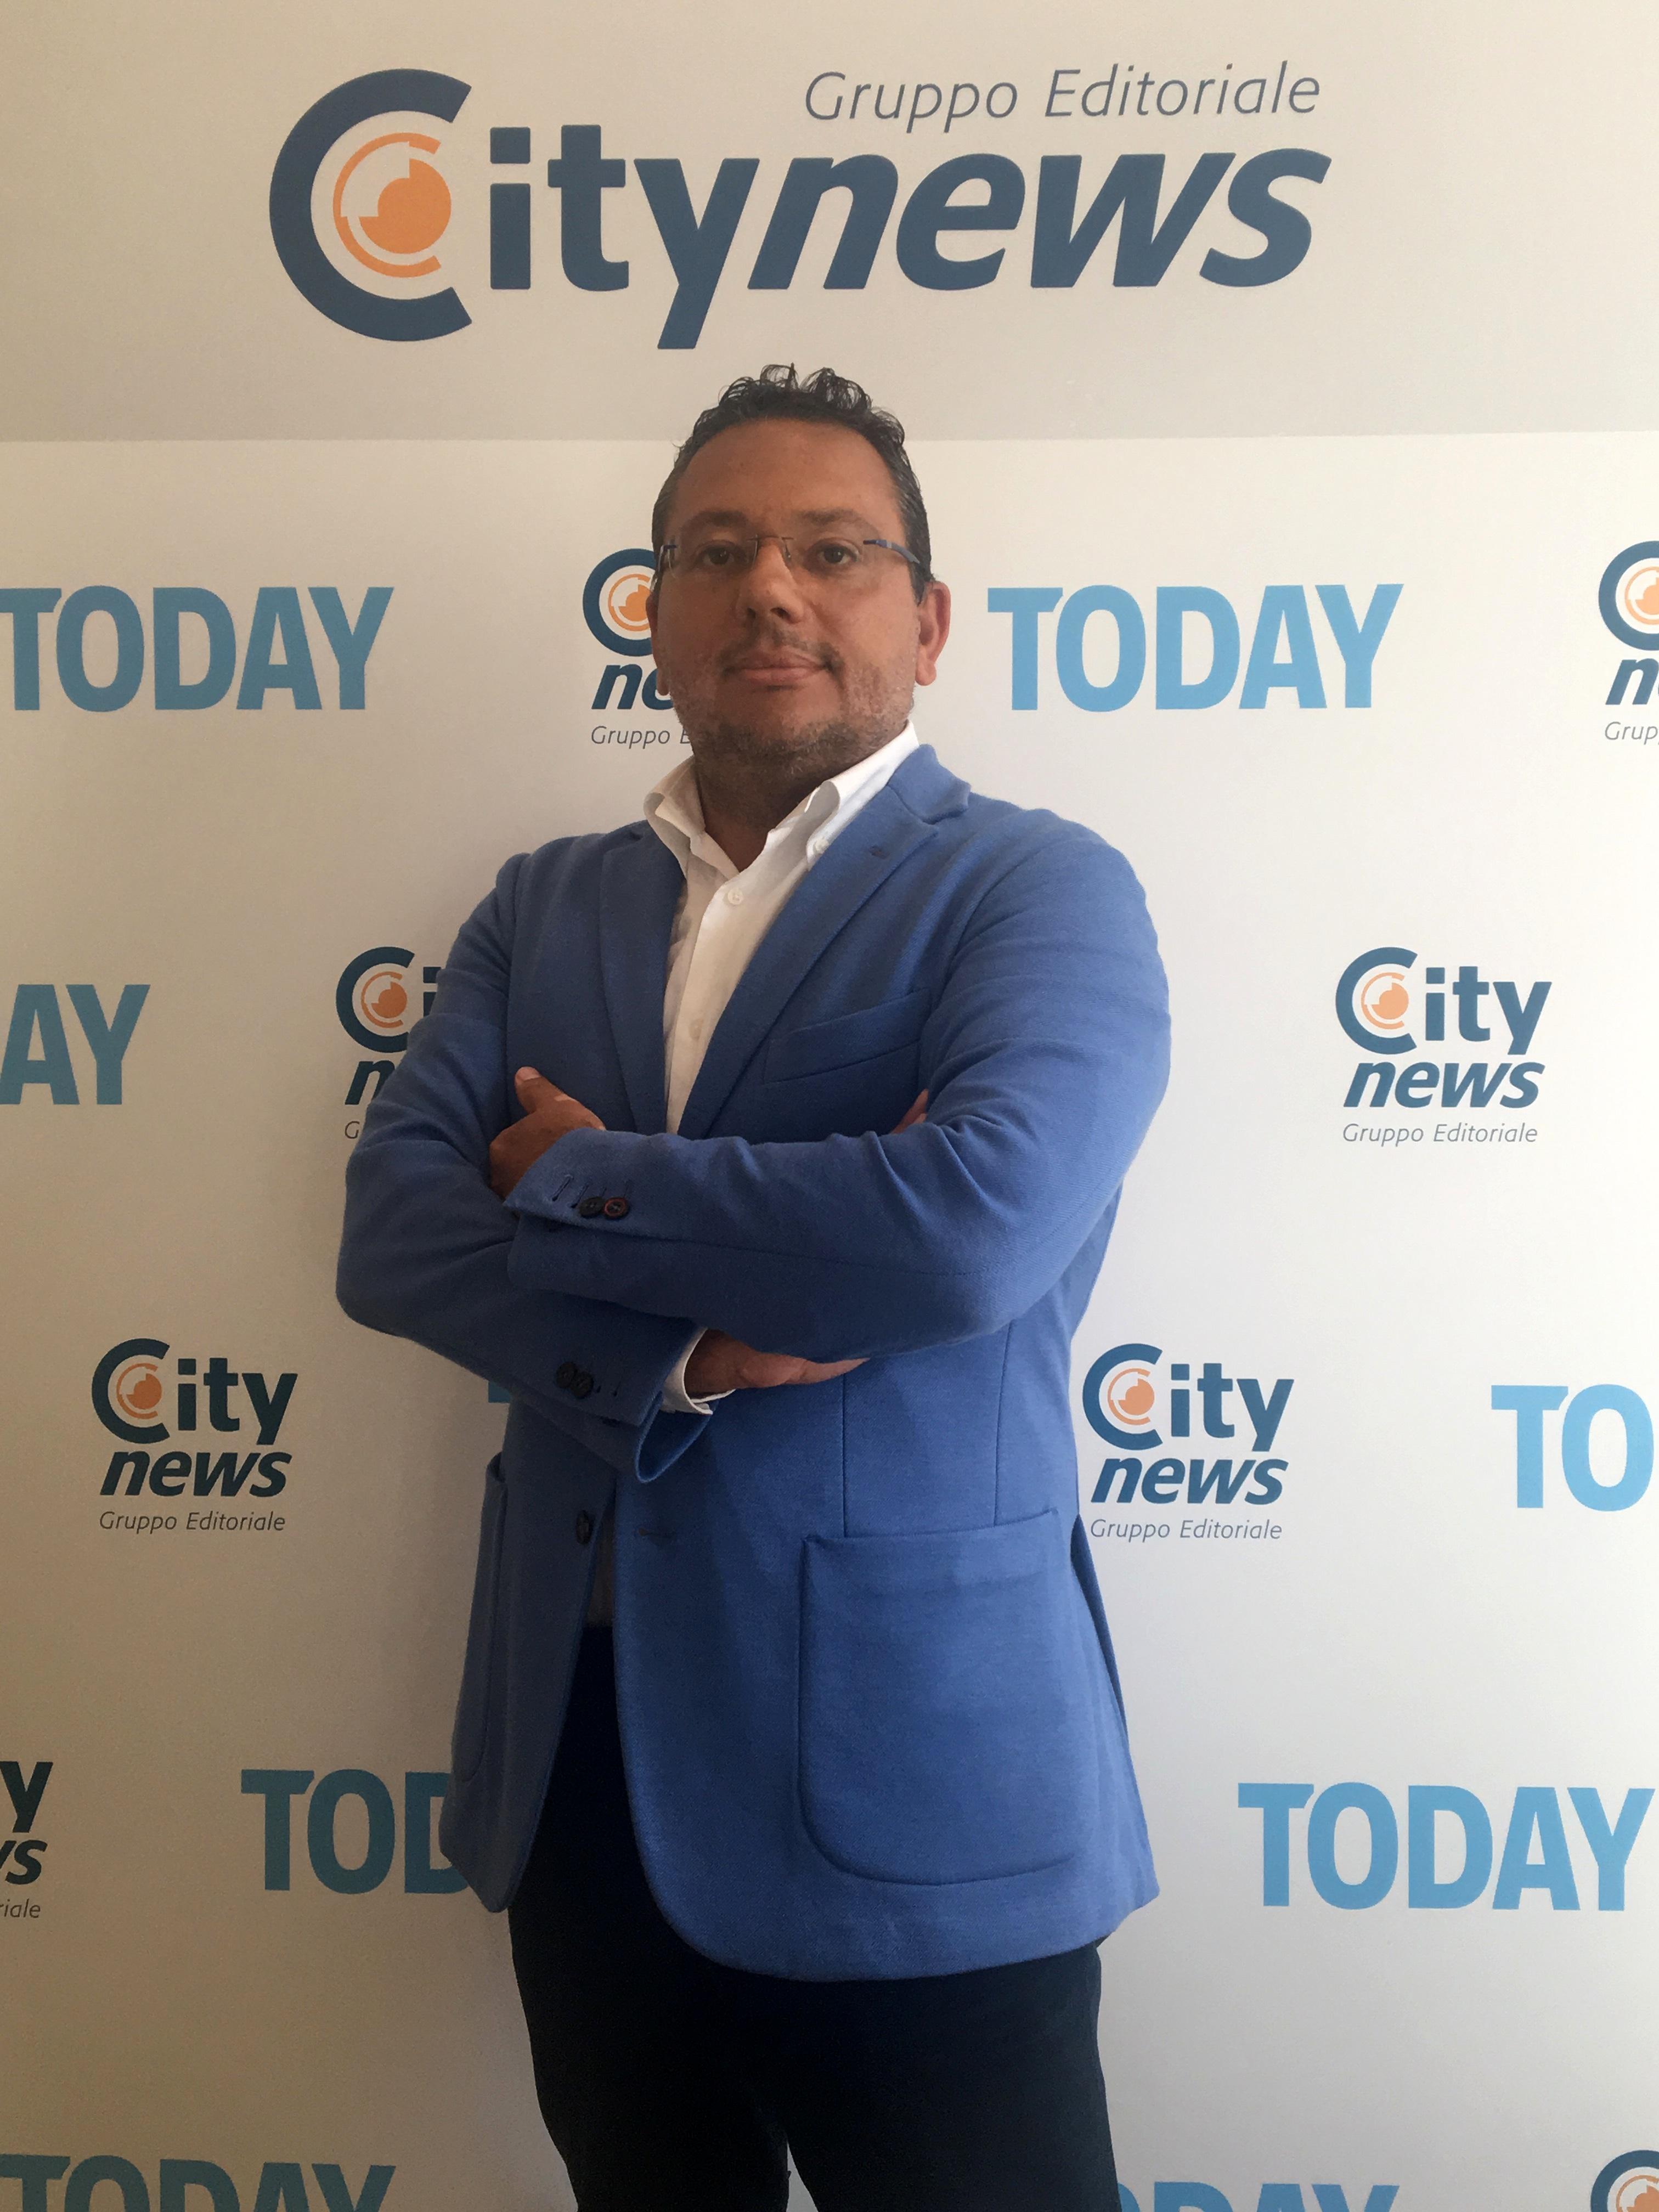 Fernando_Diana_Citynews-2